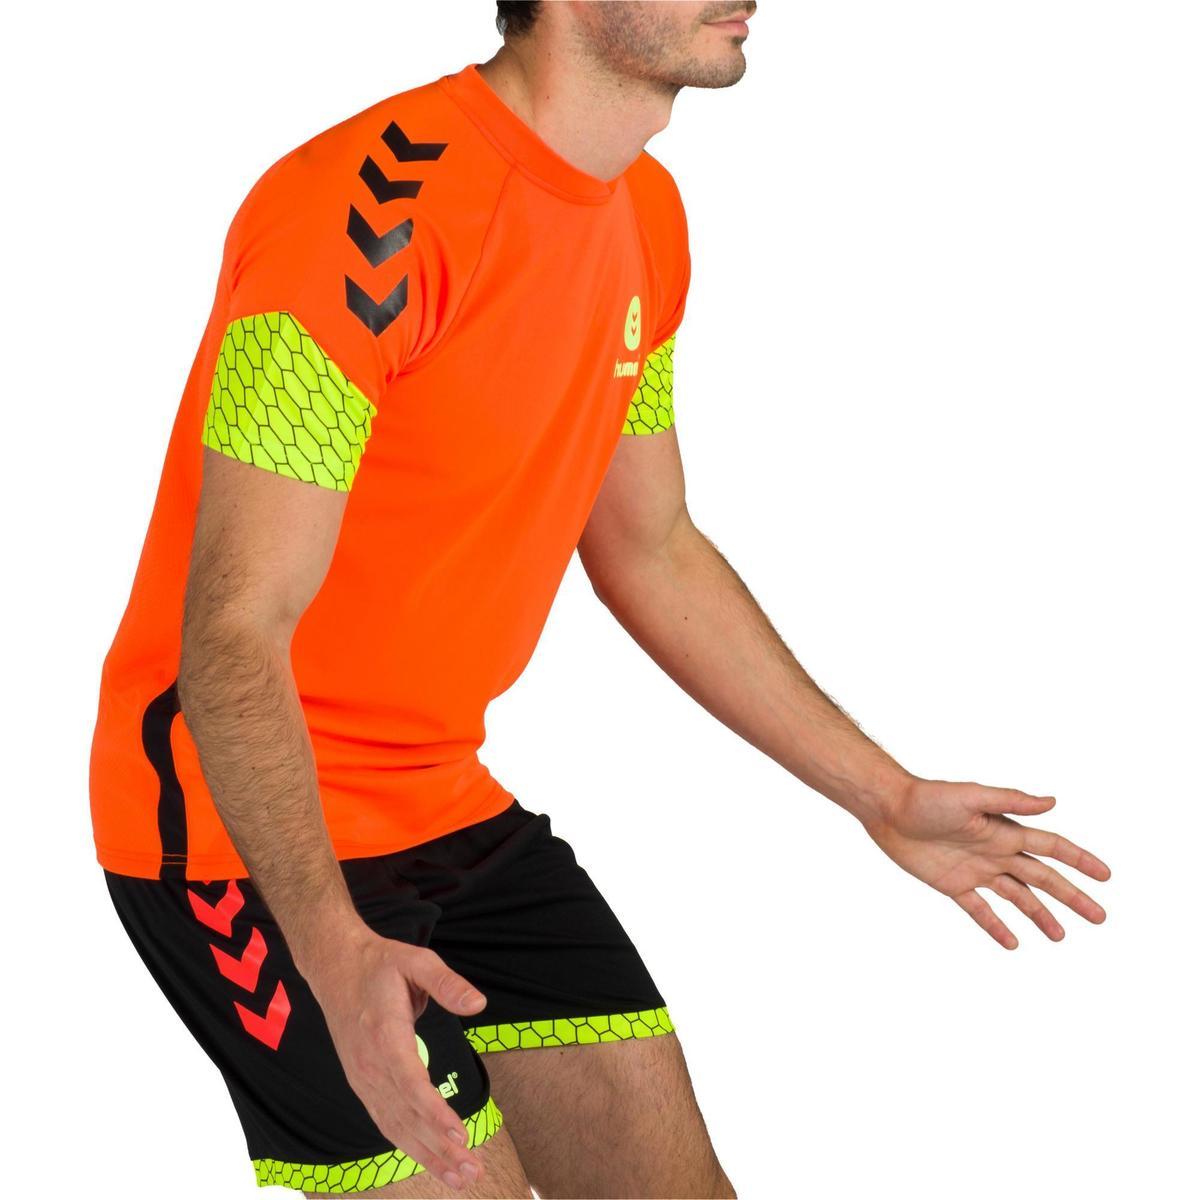 Bild 3 von Handballtrikot Herren orange/gelb